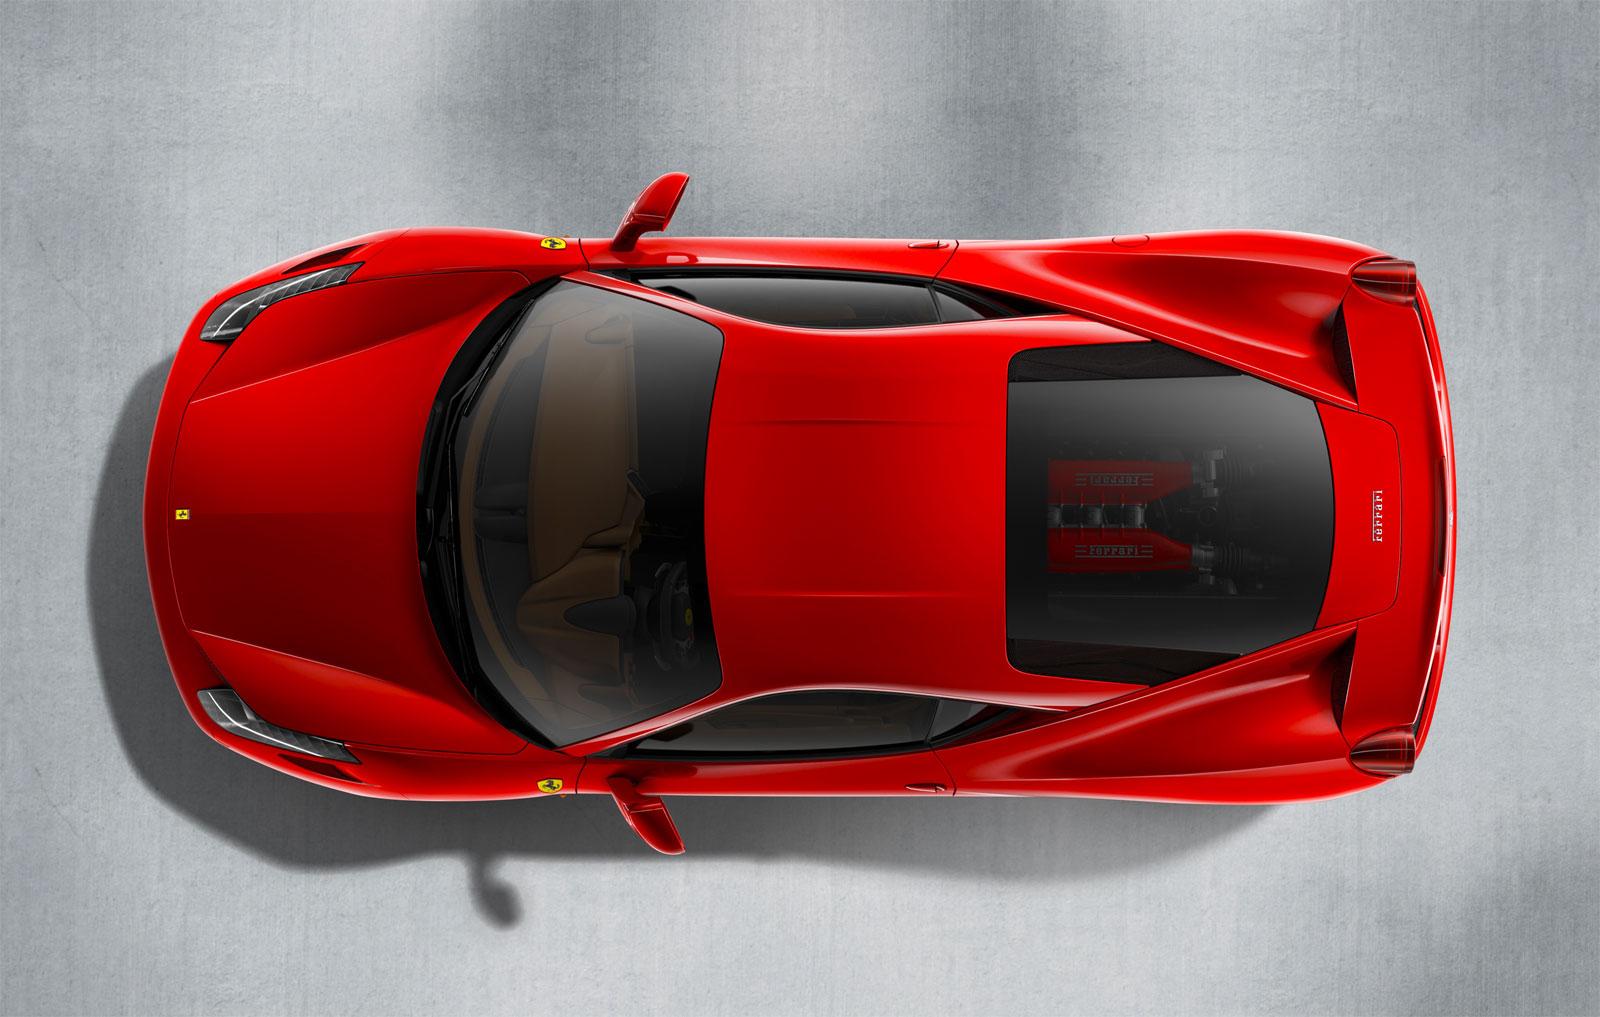 http://4.bp.blogspot.com/-lTjOZQnNnXg/T-CKjFLIxfI/AAAAAAAADfc/a4S4Q3mnXFQ/s1600/Ferrari+458+Italia+hd+Wallpapers+2011_5.jpg